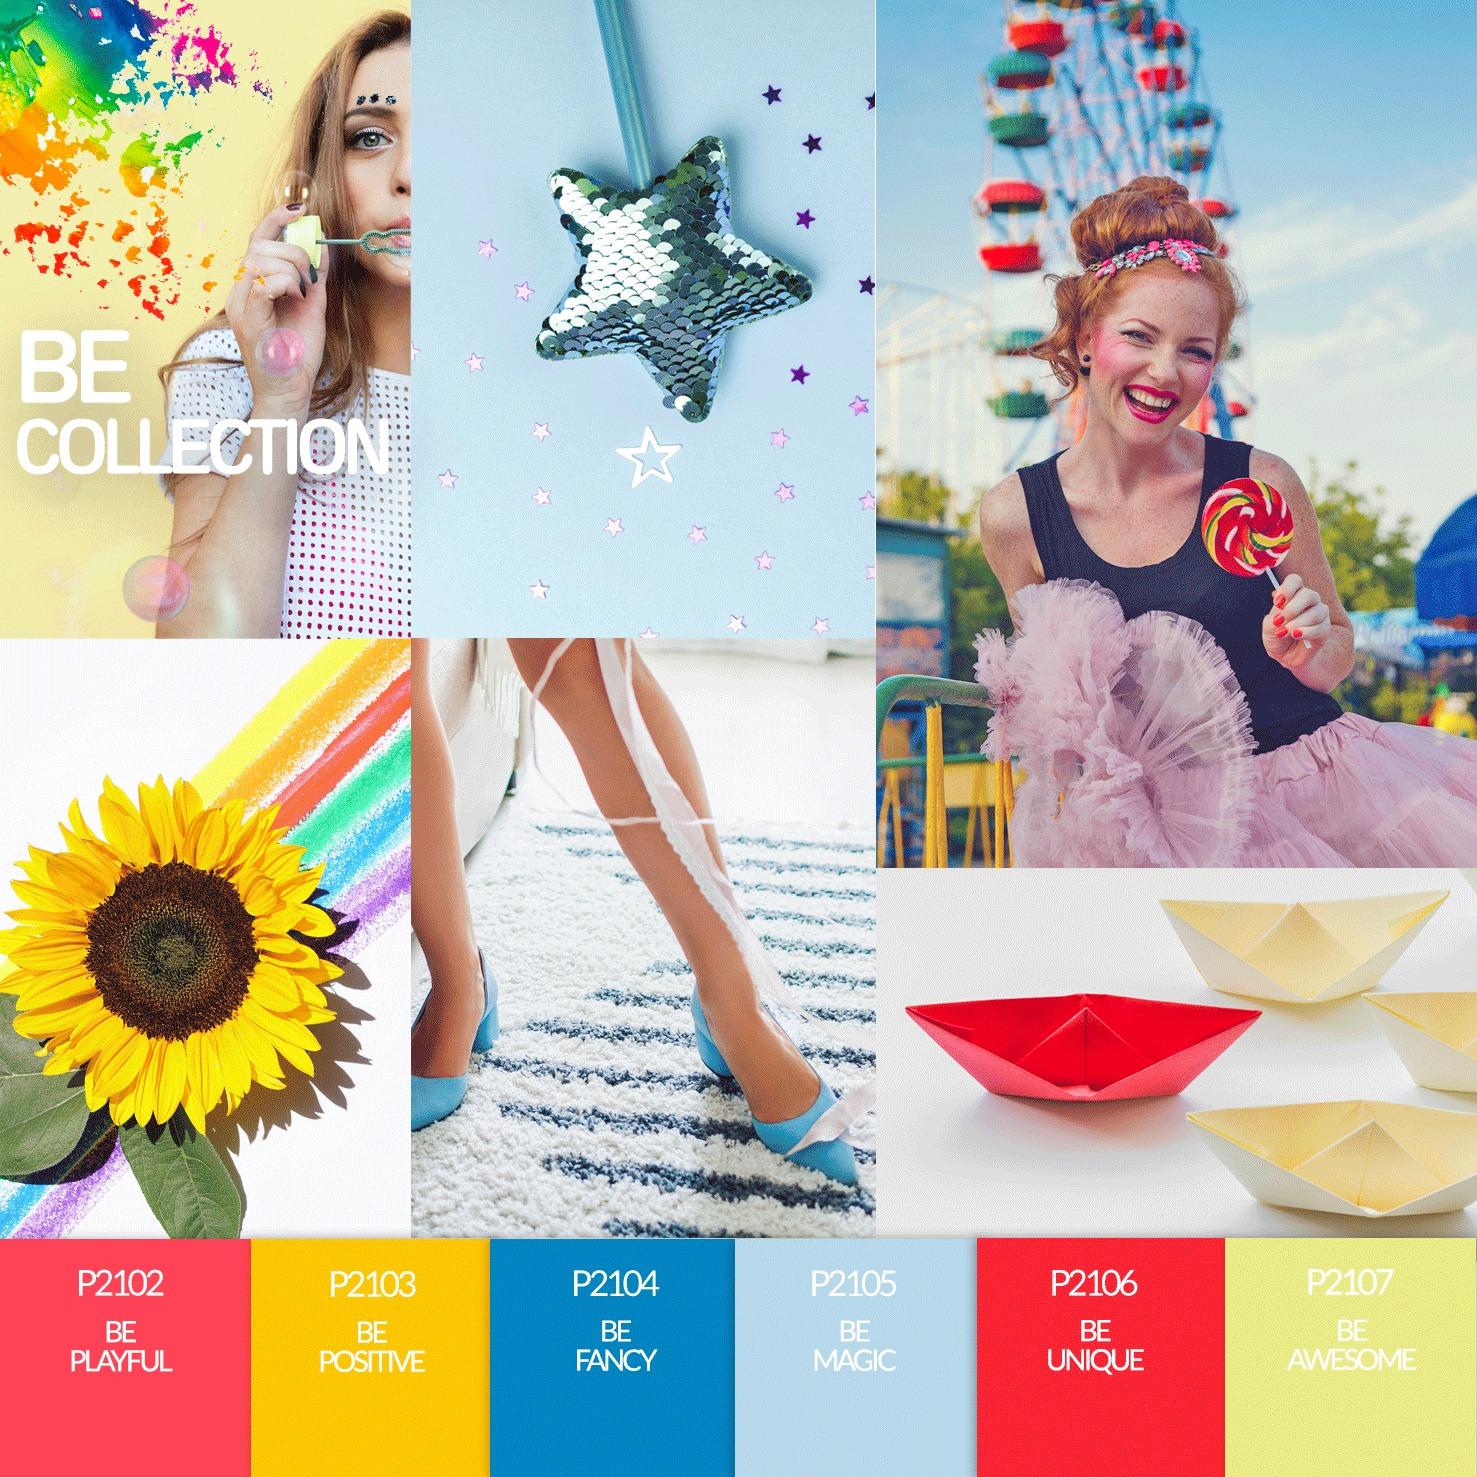 Coleção Verniz Gel PURPLE – Be Collection - PARTE II - 6 Cores (P2102 ao P2107)